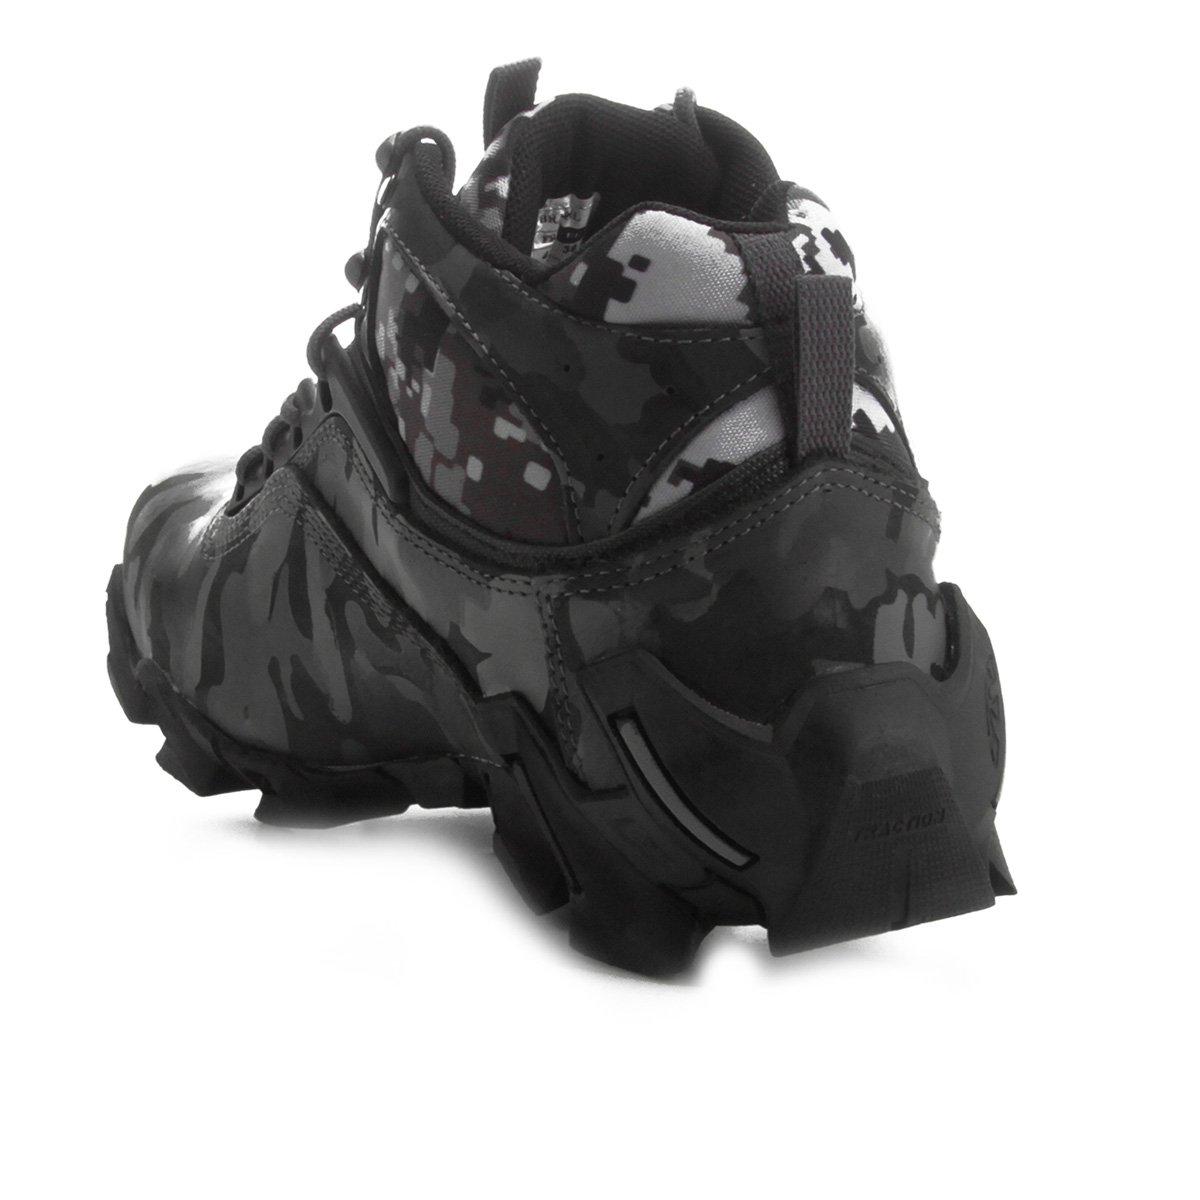 6e62674fa1 Bota Bull Terrier Havoc Masculina - Chumbo - Compre Agora